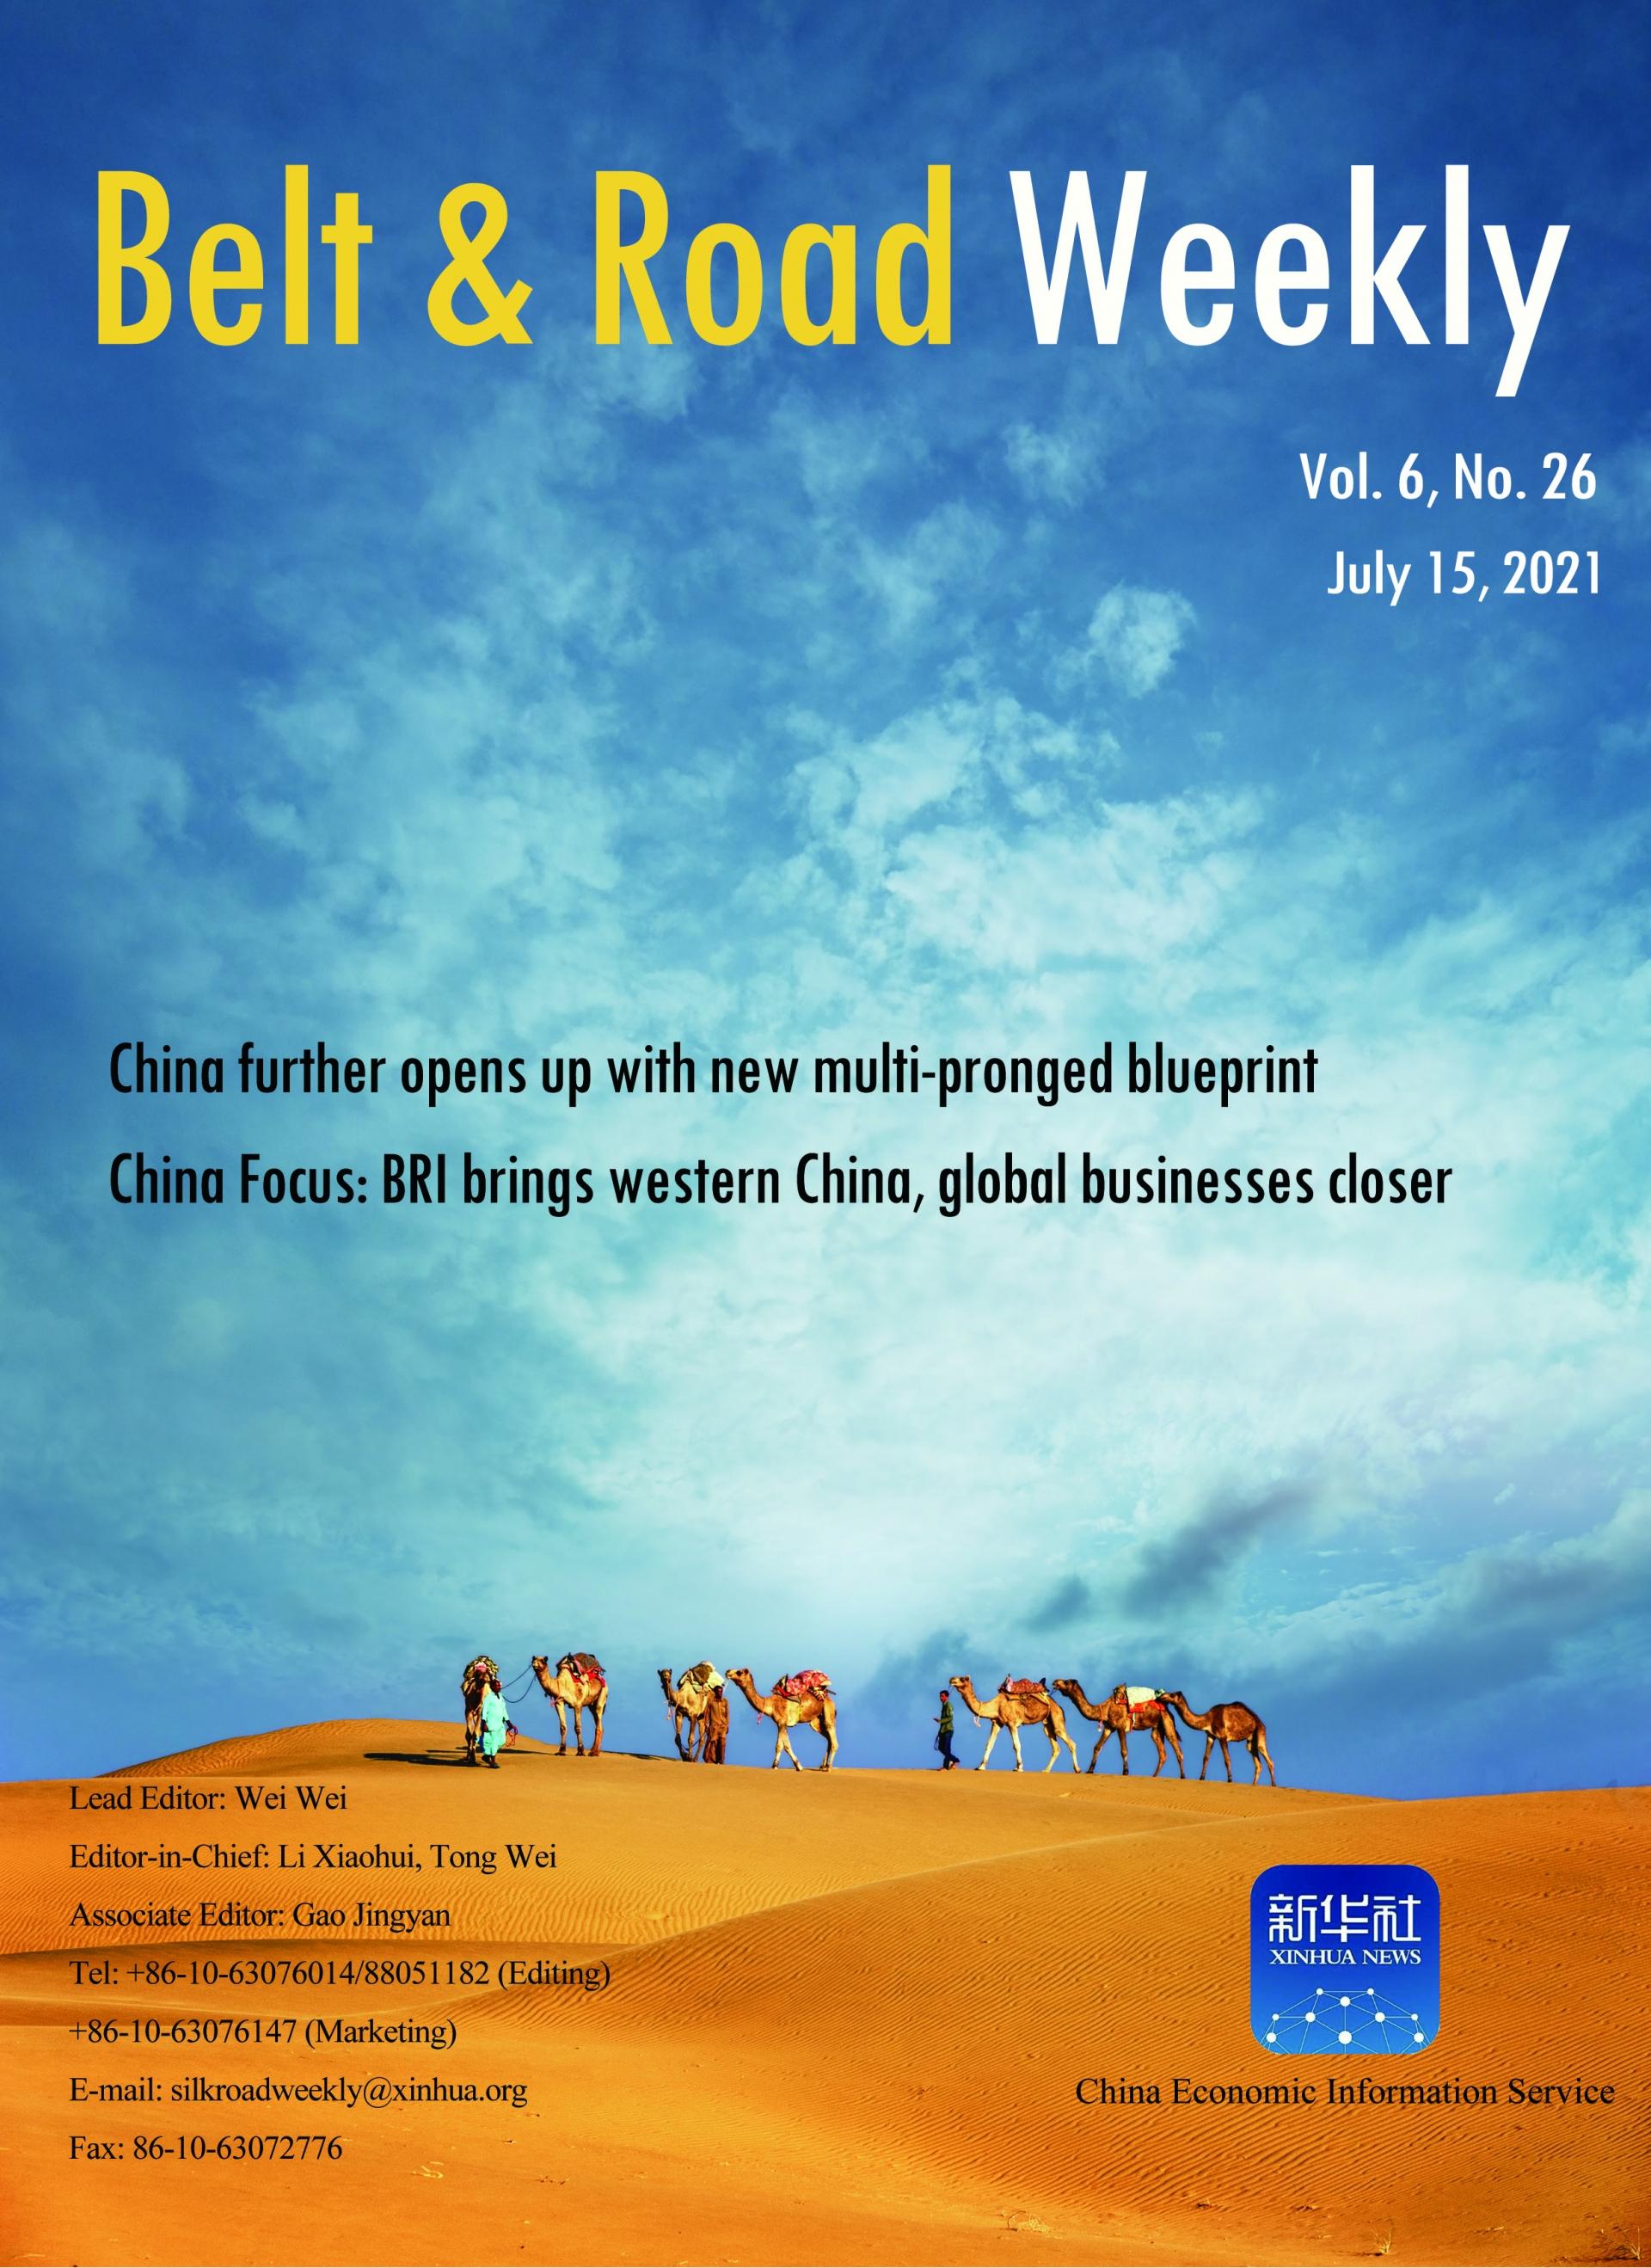 Belt & Road Weely Vol. 6, No. 26